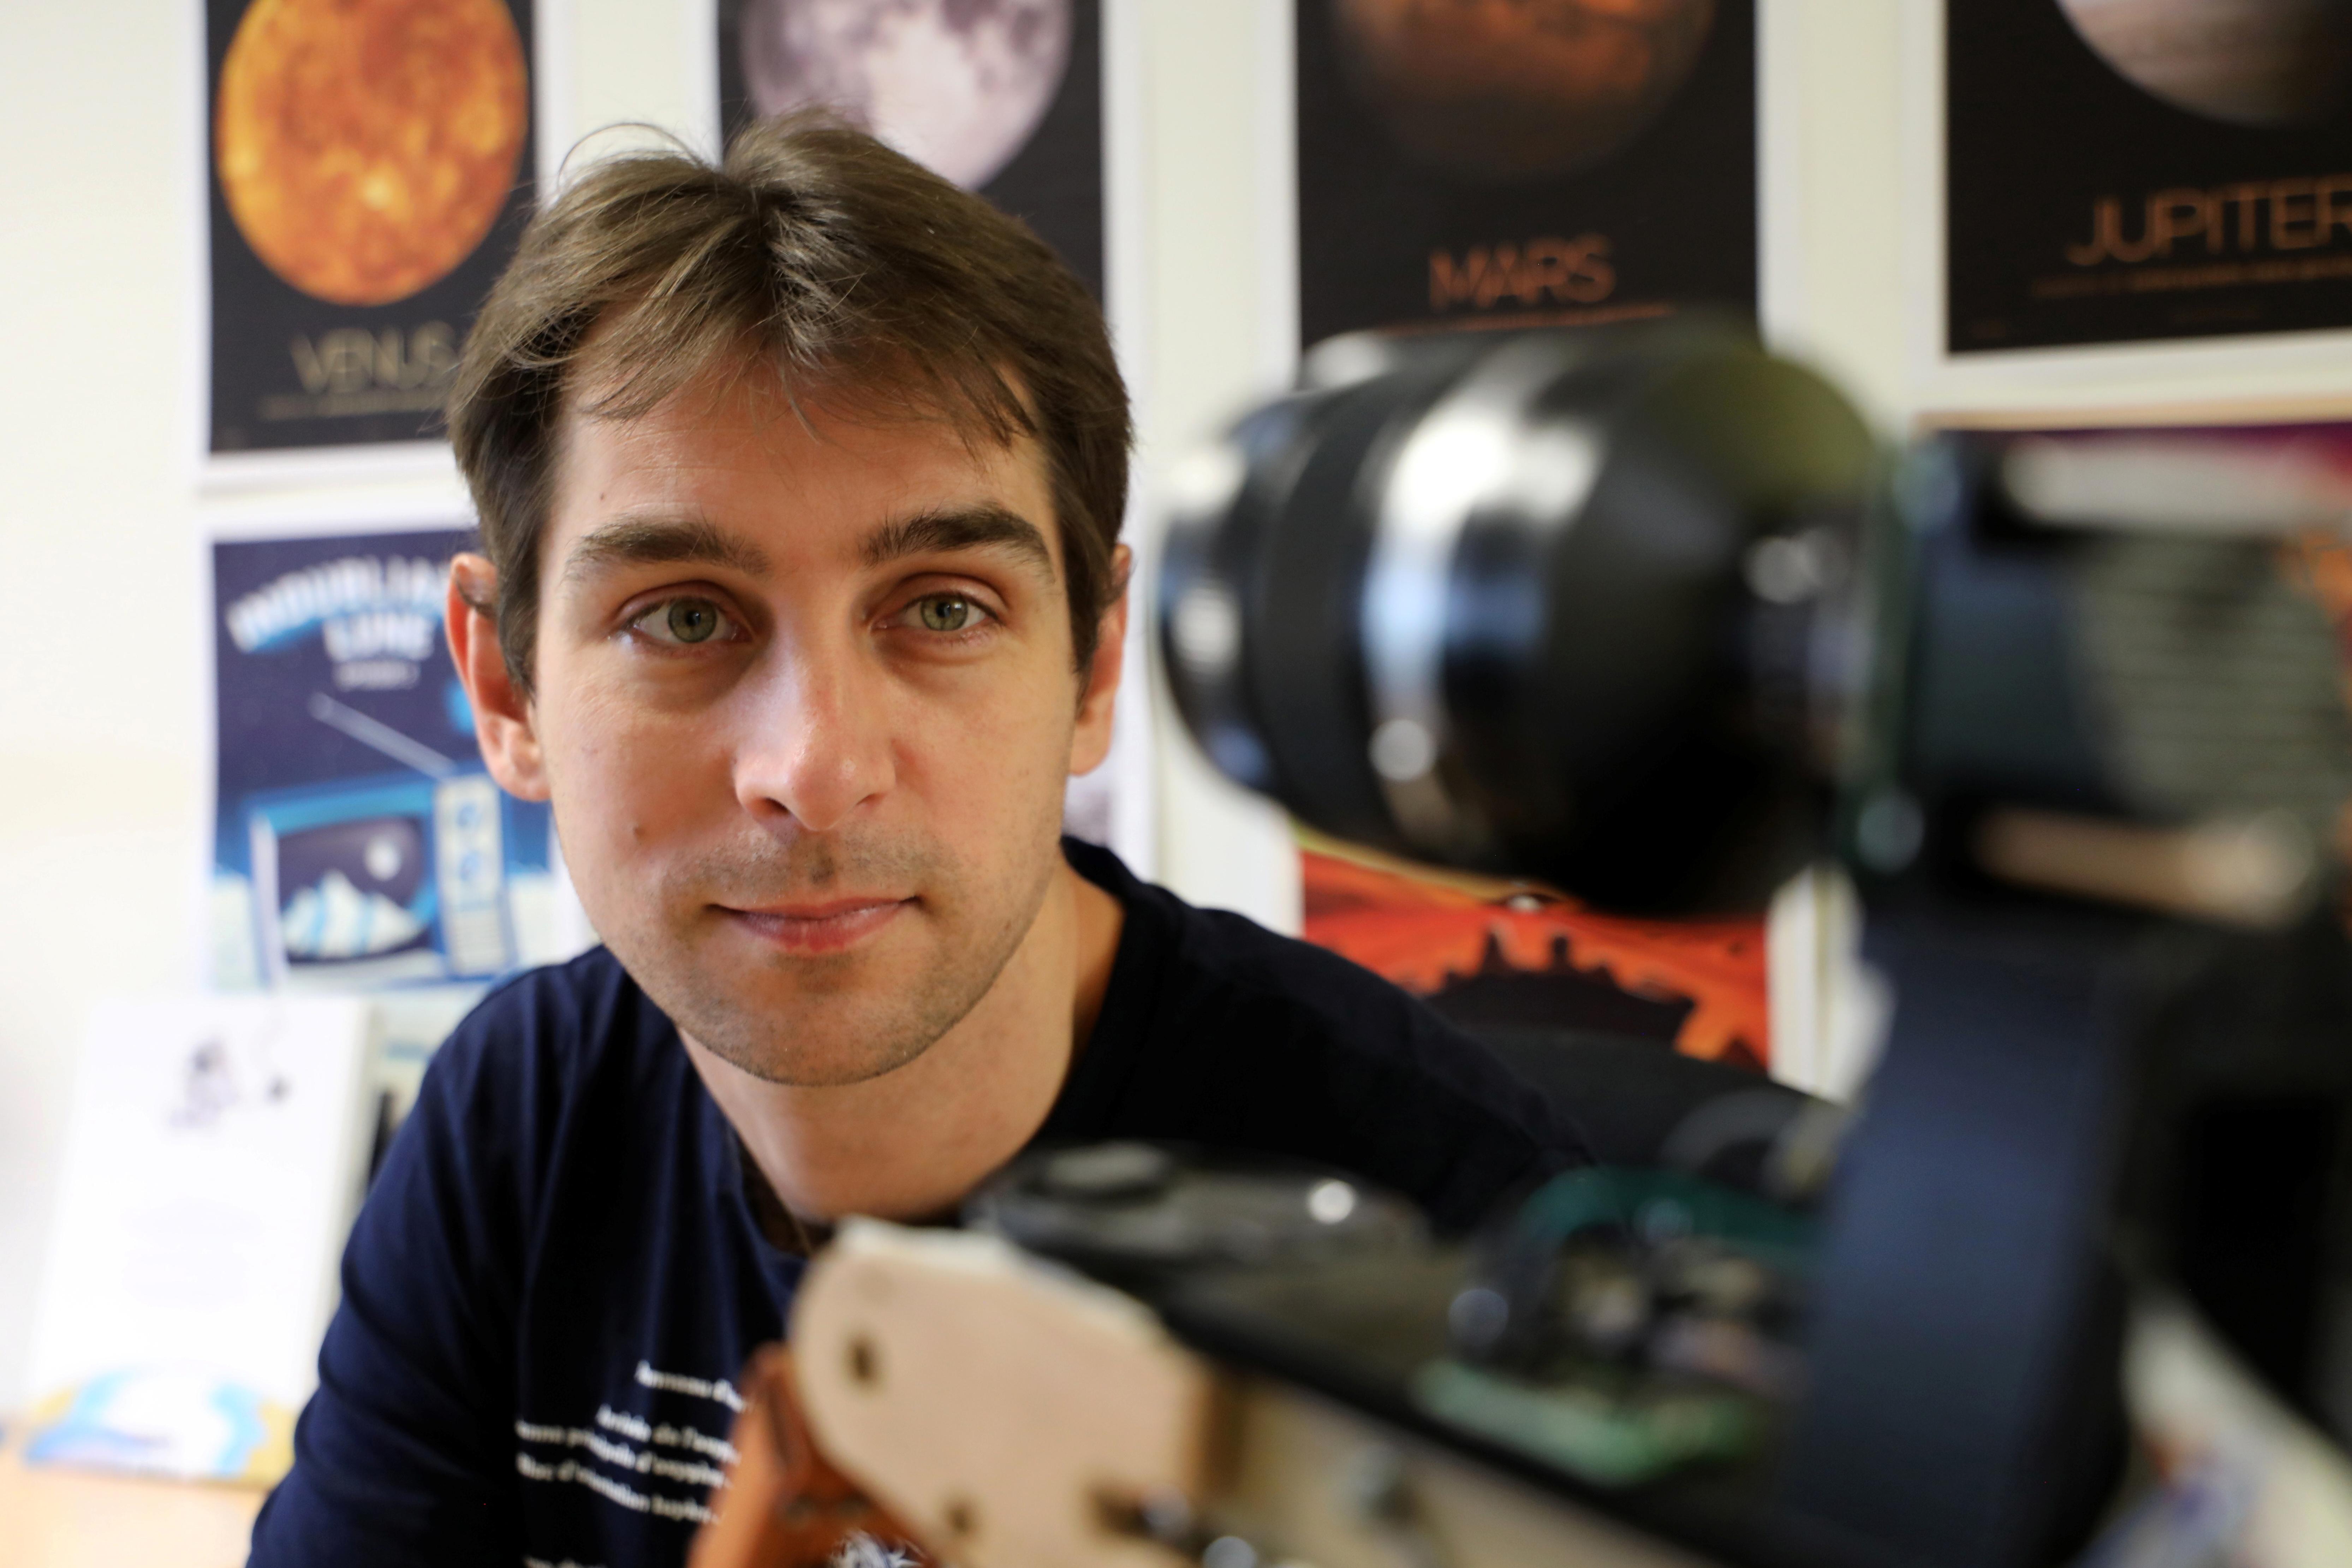 Matthieu Pluvinage, en kandidat til European Space Agency (ESA) astronautvalg, stiller på sitt kontor på ESIGELEC ingeniørskole hvor han underviser, i Saint-Etienne-du-Rouvray, Frankrike, 4. juni 2021. Bildet er tatt 4. juni, 2021. REUTERS / Lea Guedj